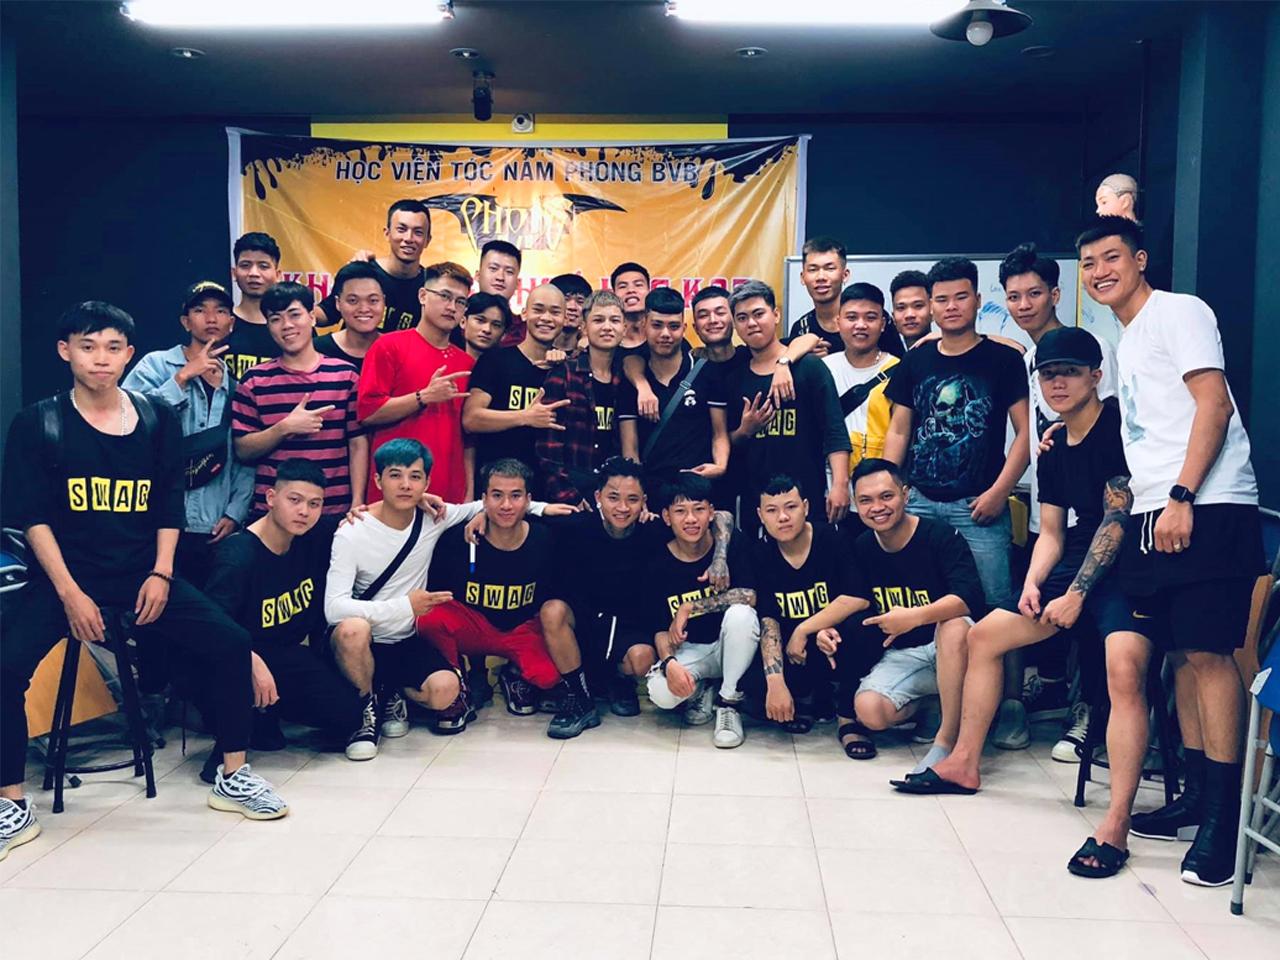 Lễ khai giảng Khóa học mới Phong BvB